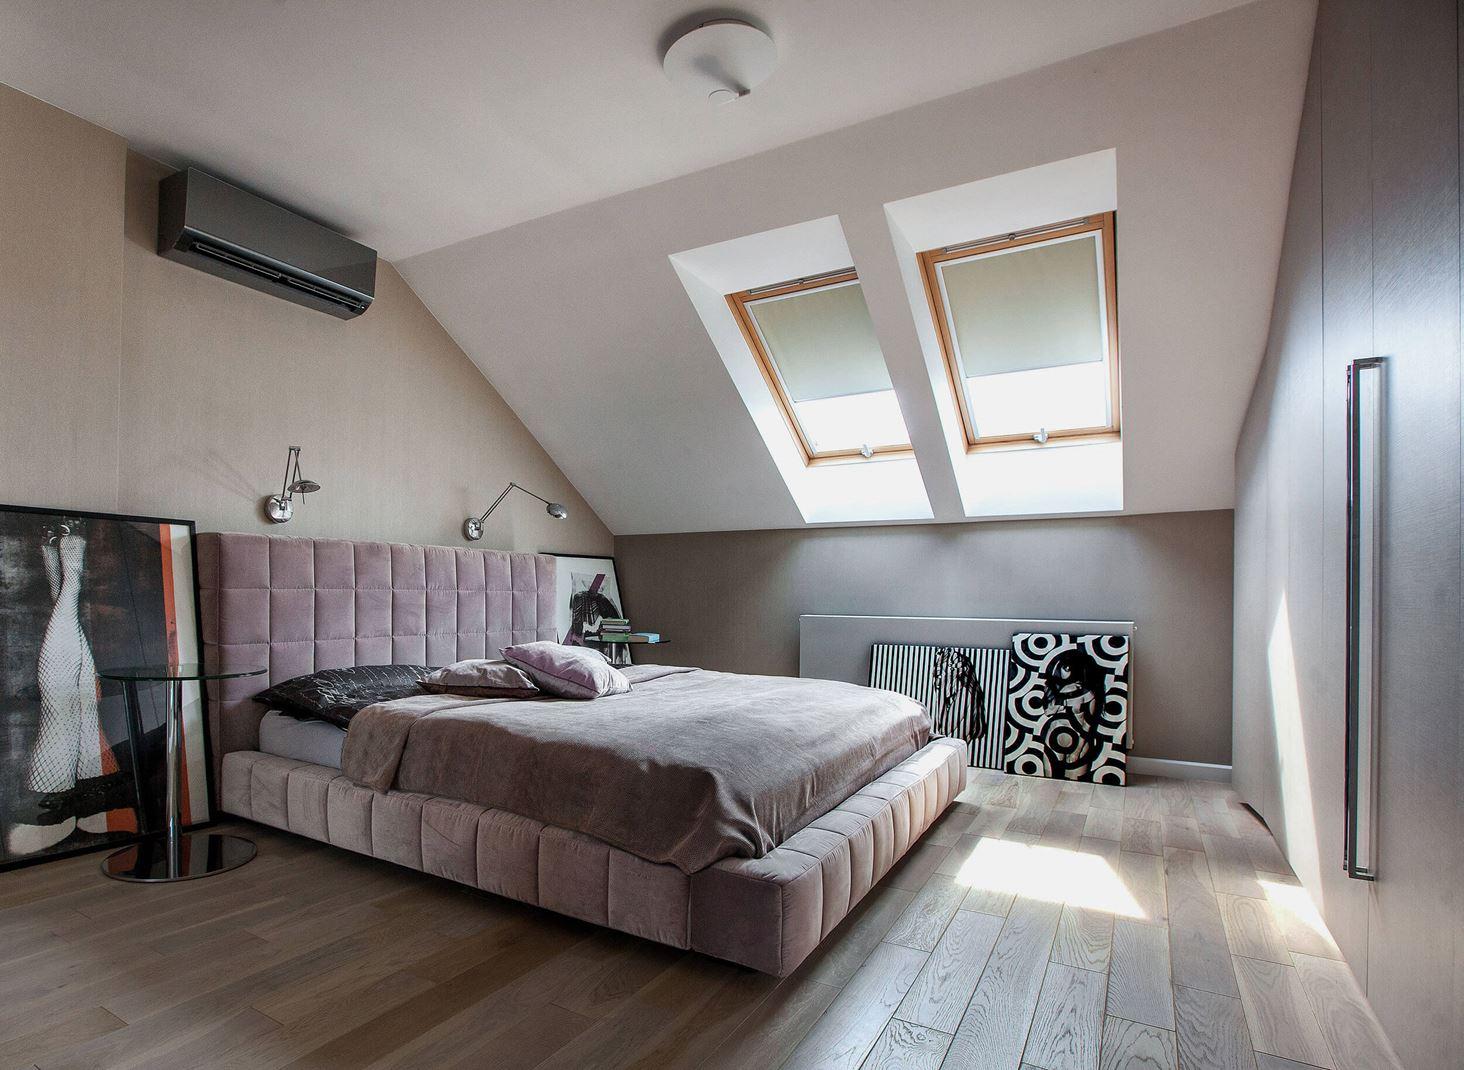 Una villa con camera da letto in mansarda - Camera da letto mansarda ...